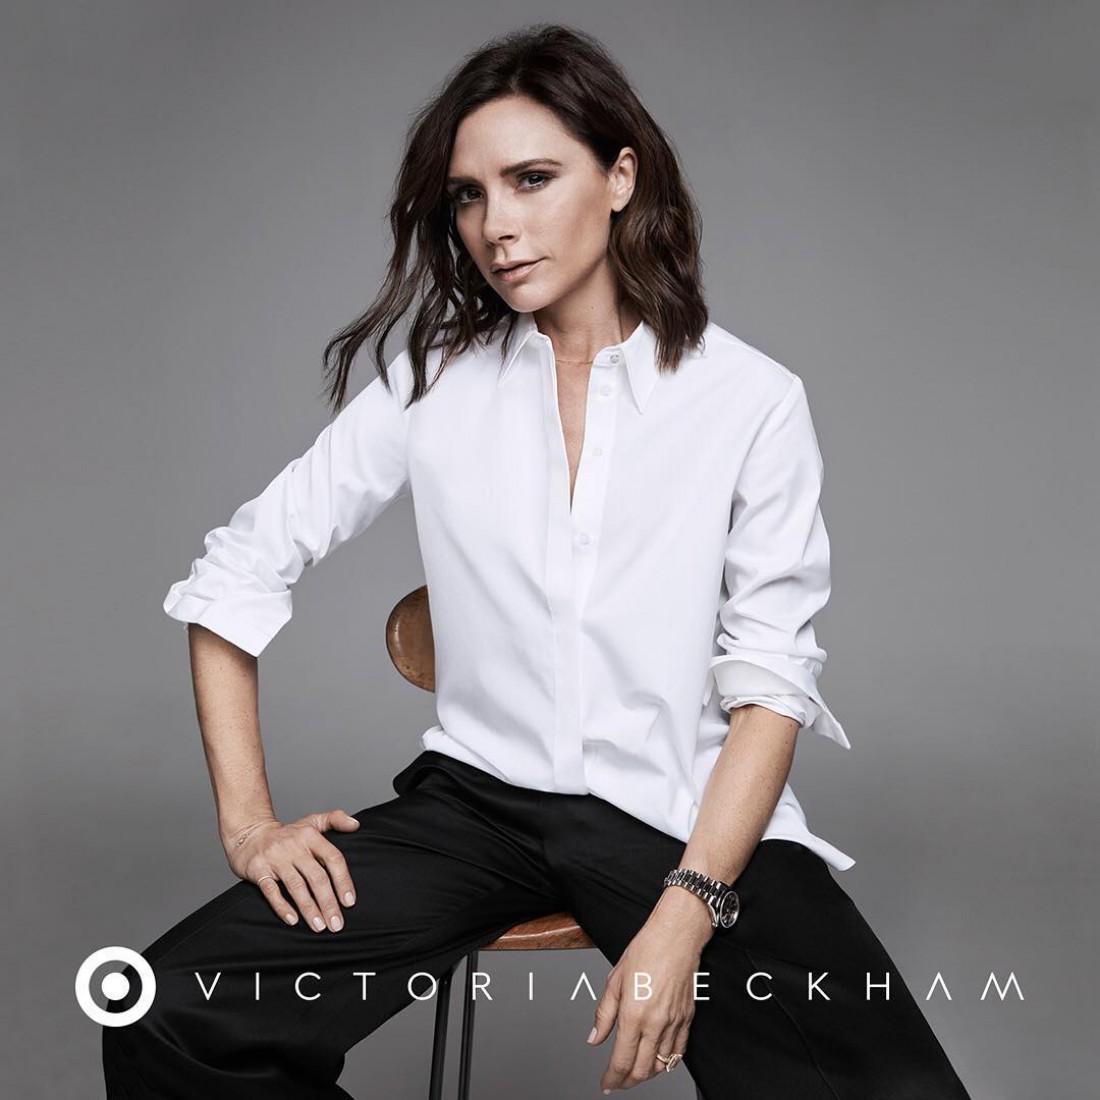 Виктория Бекхэм выпустит линейку одежды для Target